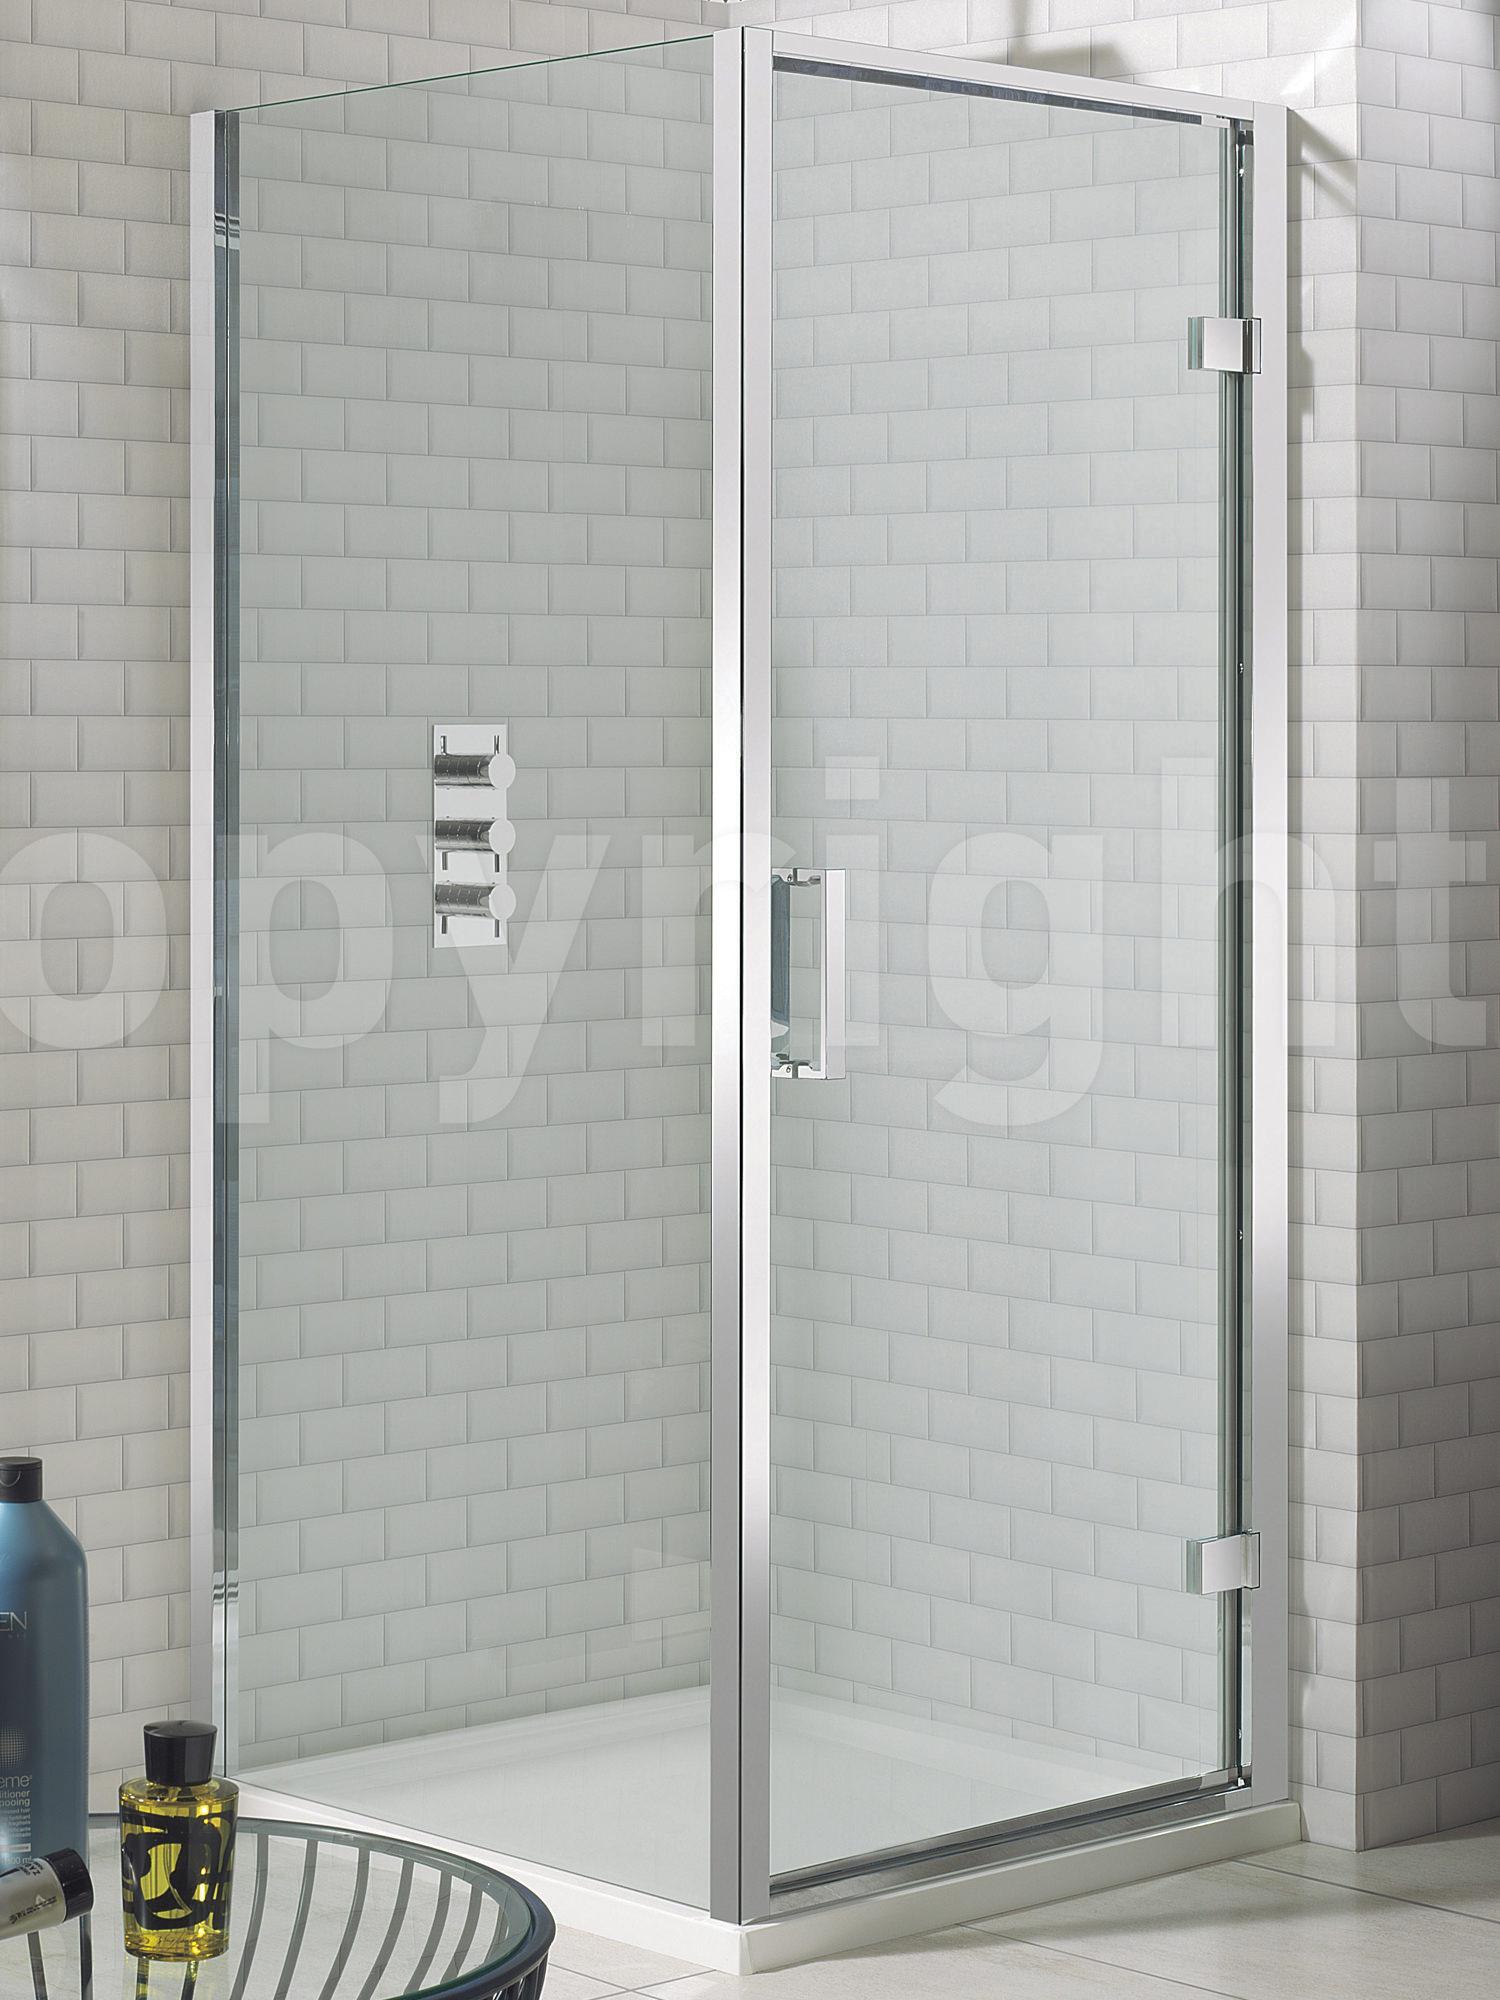 Simpsons elite framed hinged shower door 800mm vtopaller Gallery